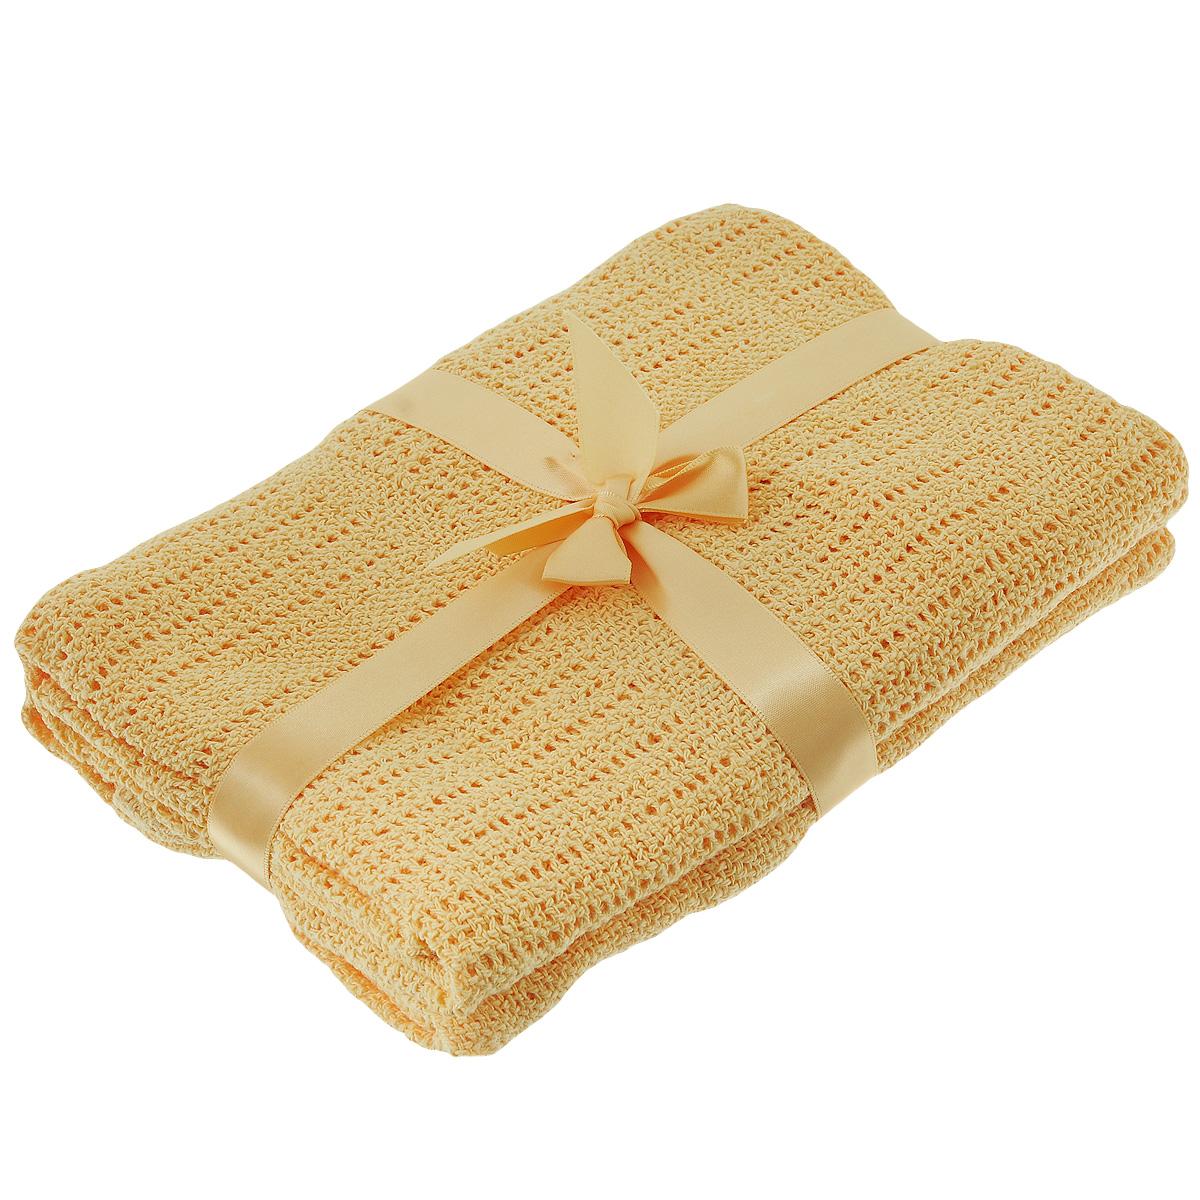 Одеяло детское Baby Nice, вязаное, цвет: оранжевый, 100 см x 140 см. D40612D40612